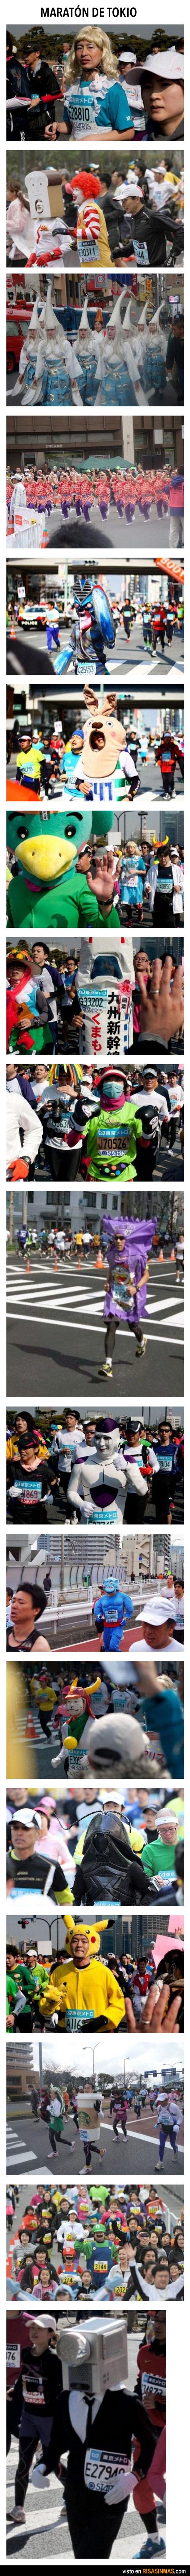 Imágenes de la maratón de Tokio